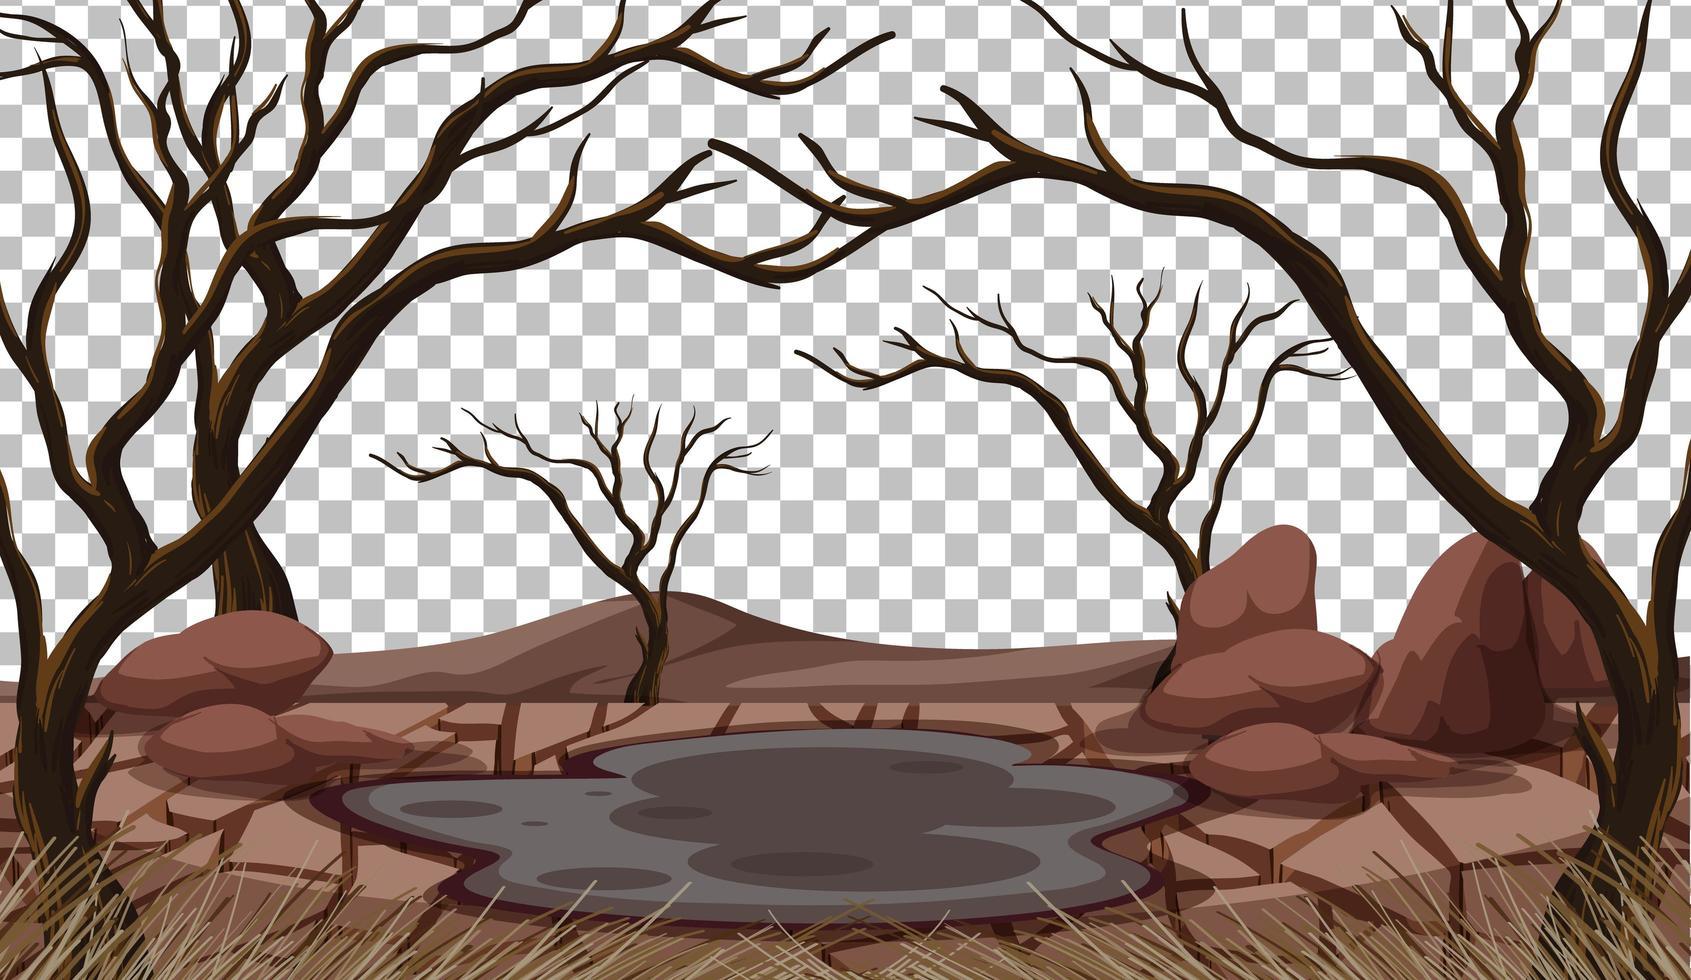 trockene rissige Landlandschaft auf transparentem Hintergrund vektor